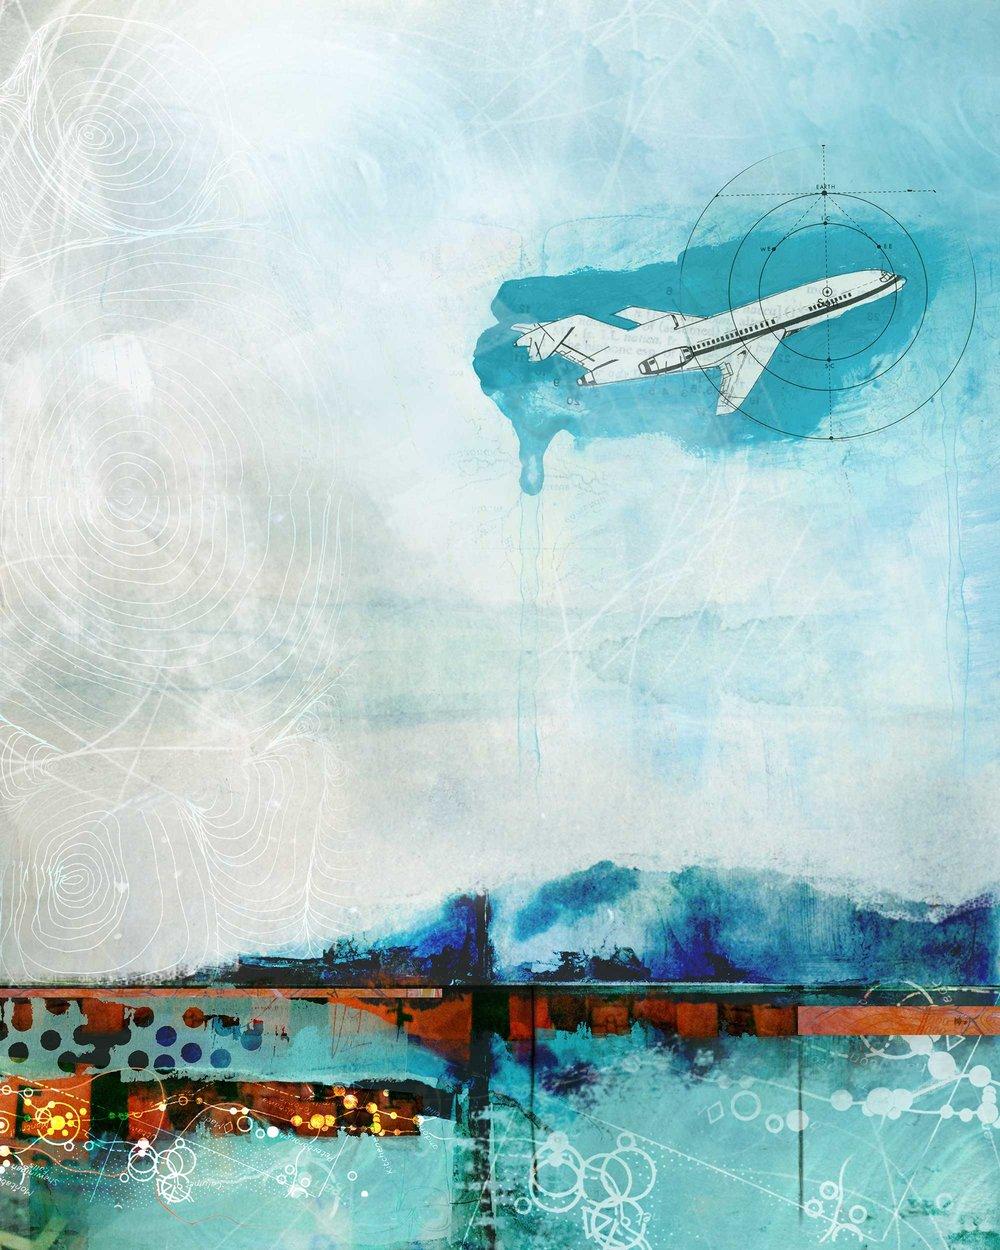 June (Flight)